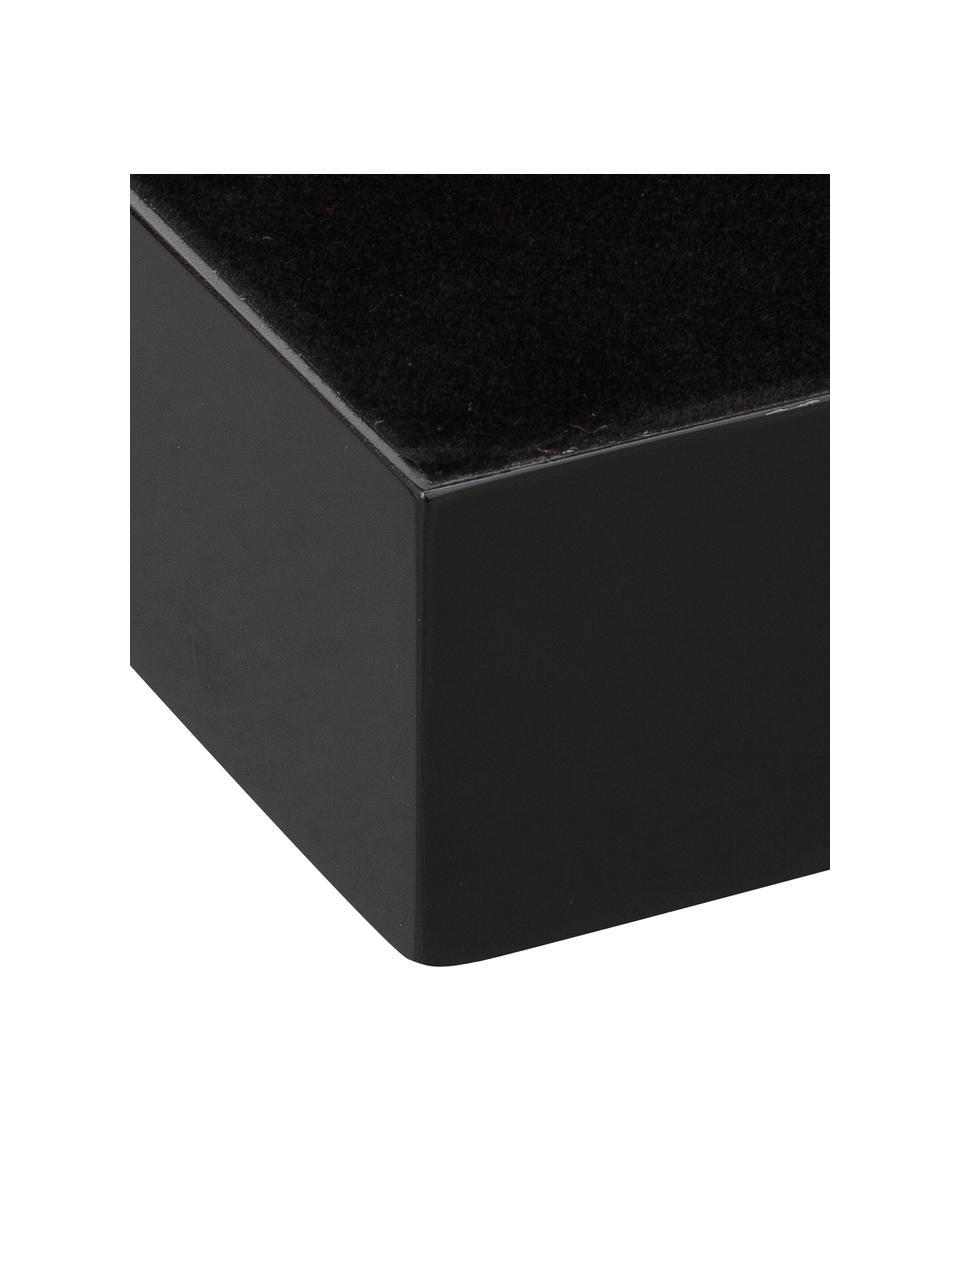 Vassoio nero effetto lucido Hayley, Vassoio: pannello di fibra a media, Nero, fondo: nero, Lung. 50 x Larg. 35 cm